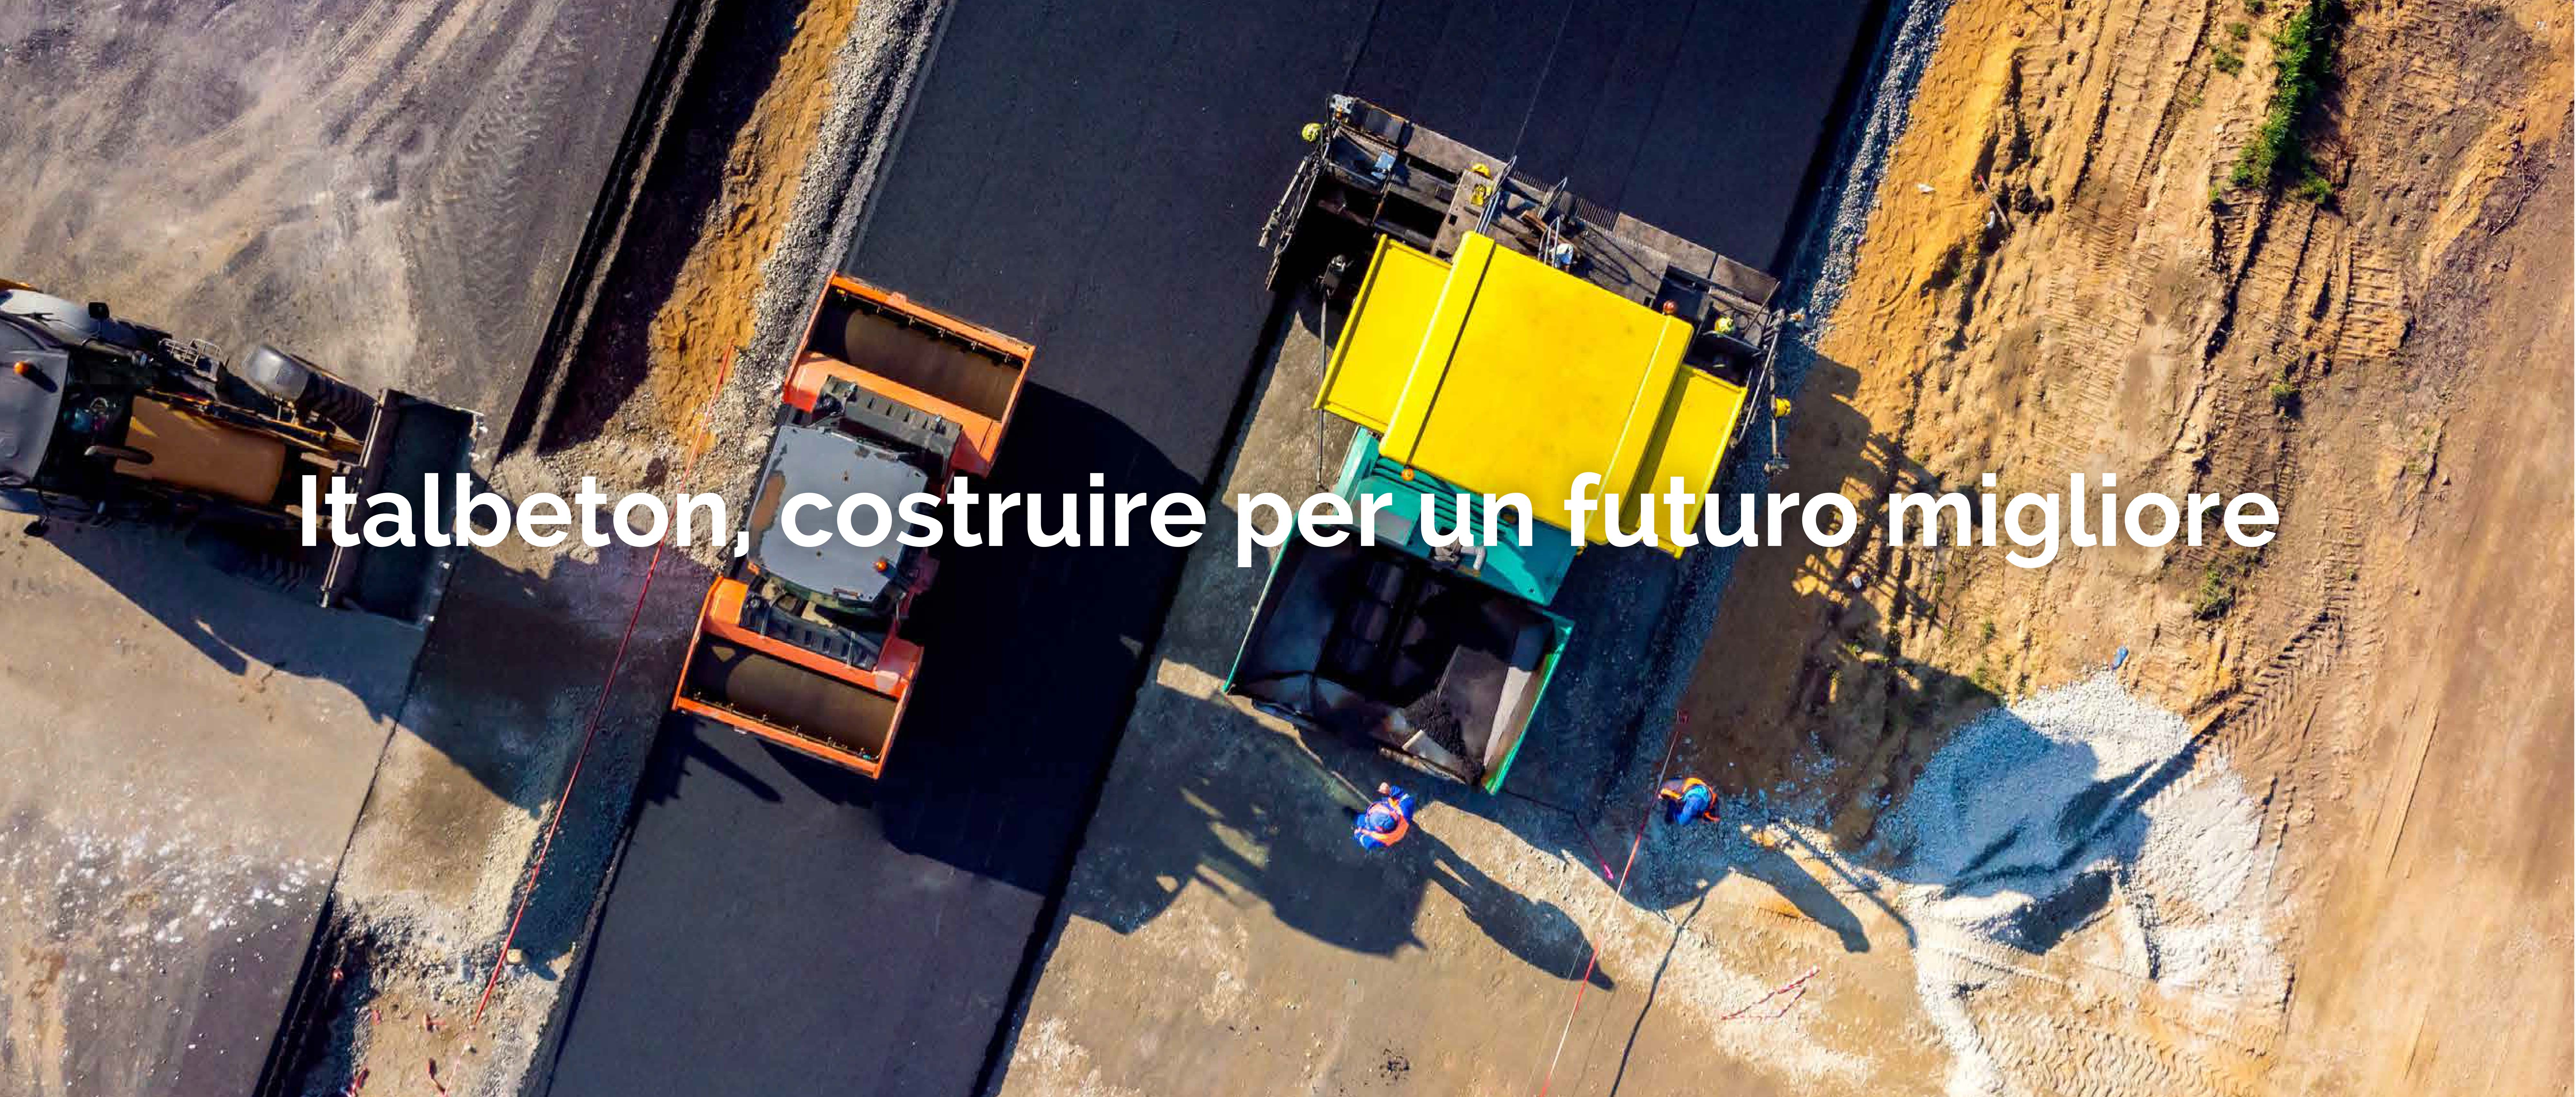 Imprese Edili Varese E Provincia italbeton - impresa specializzata nelle opere stradali e